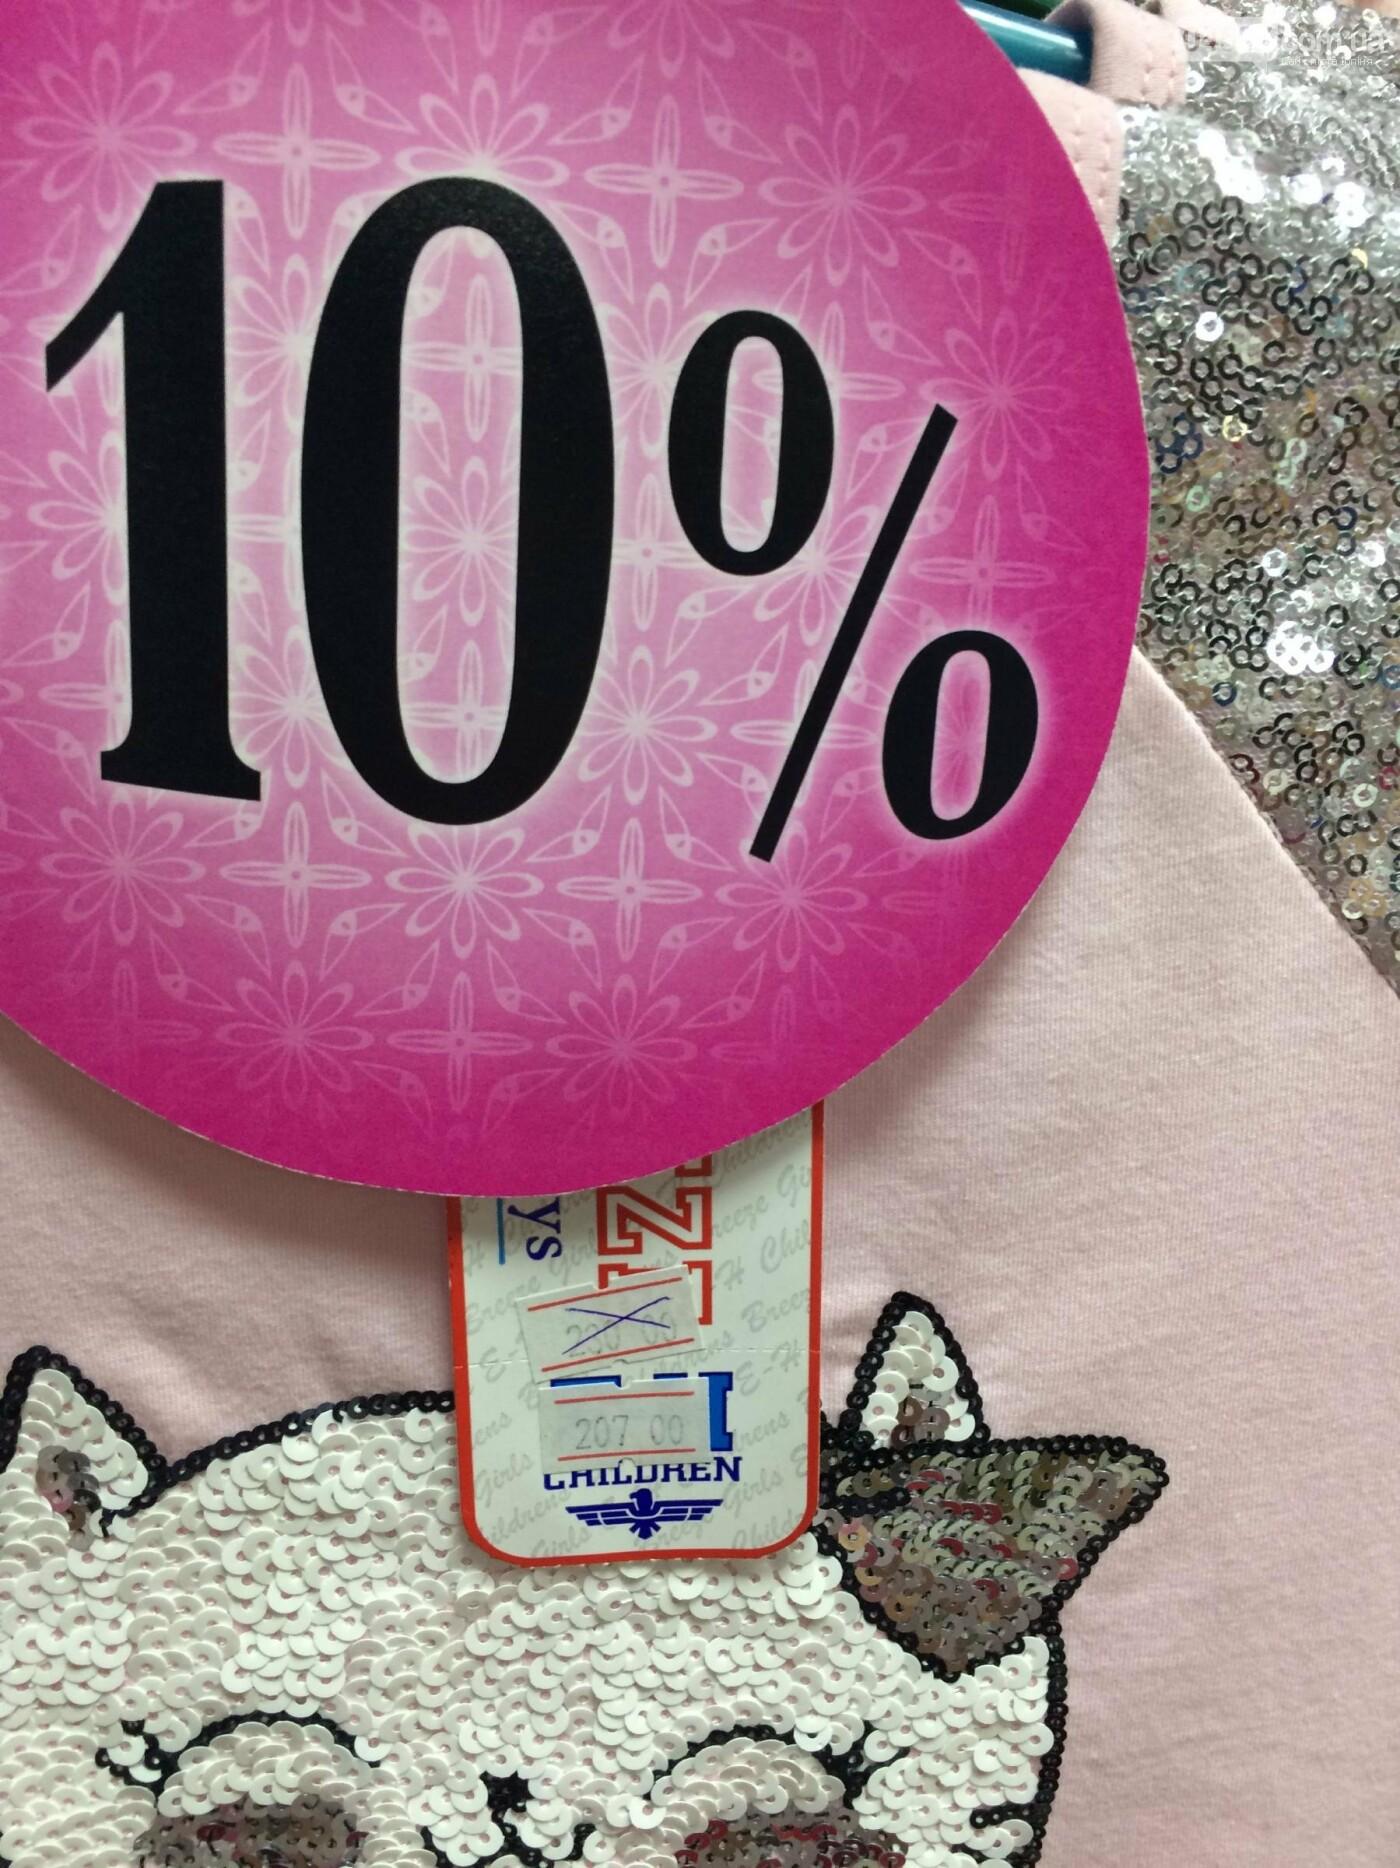 Де купити дитячий одяг в Ірпені: асортимент та ціни, фото-76